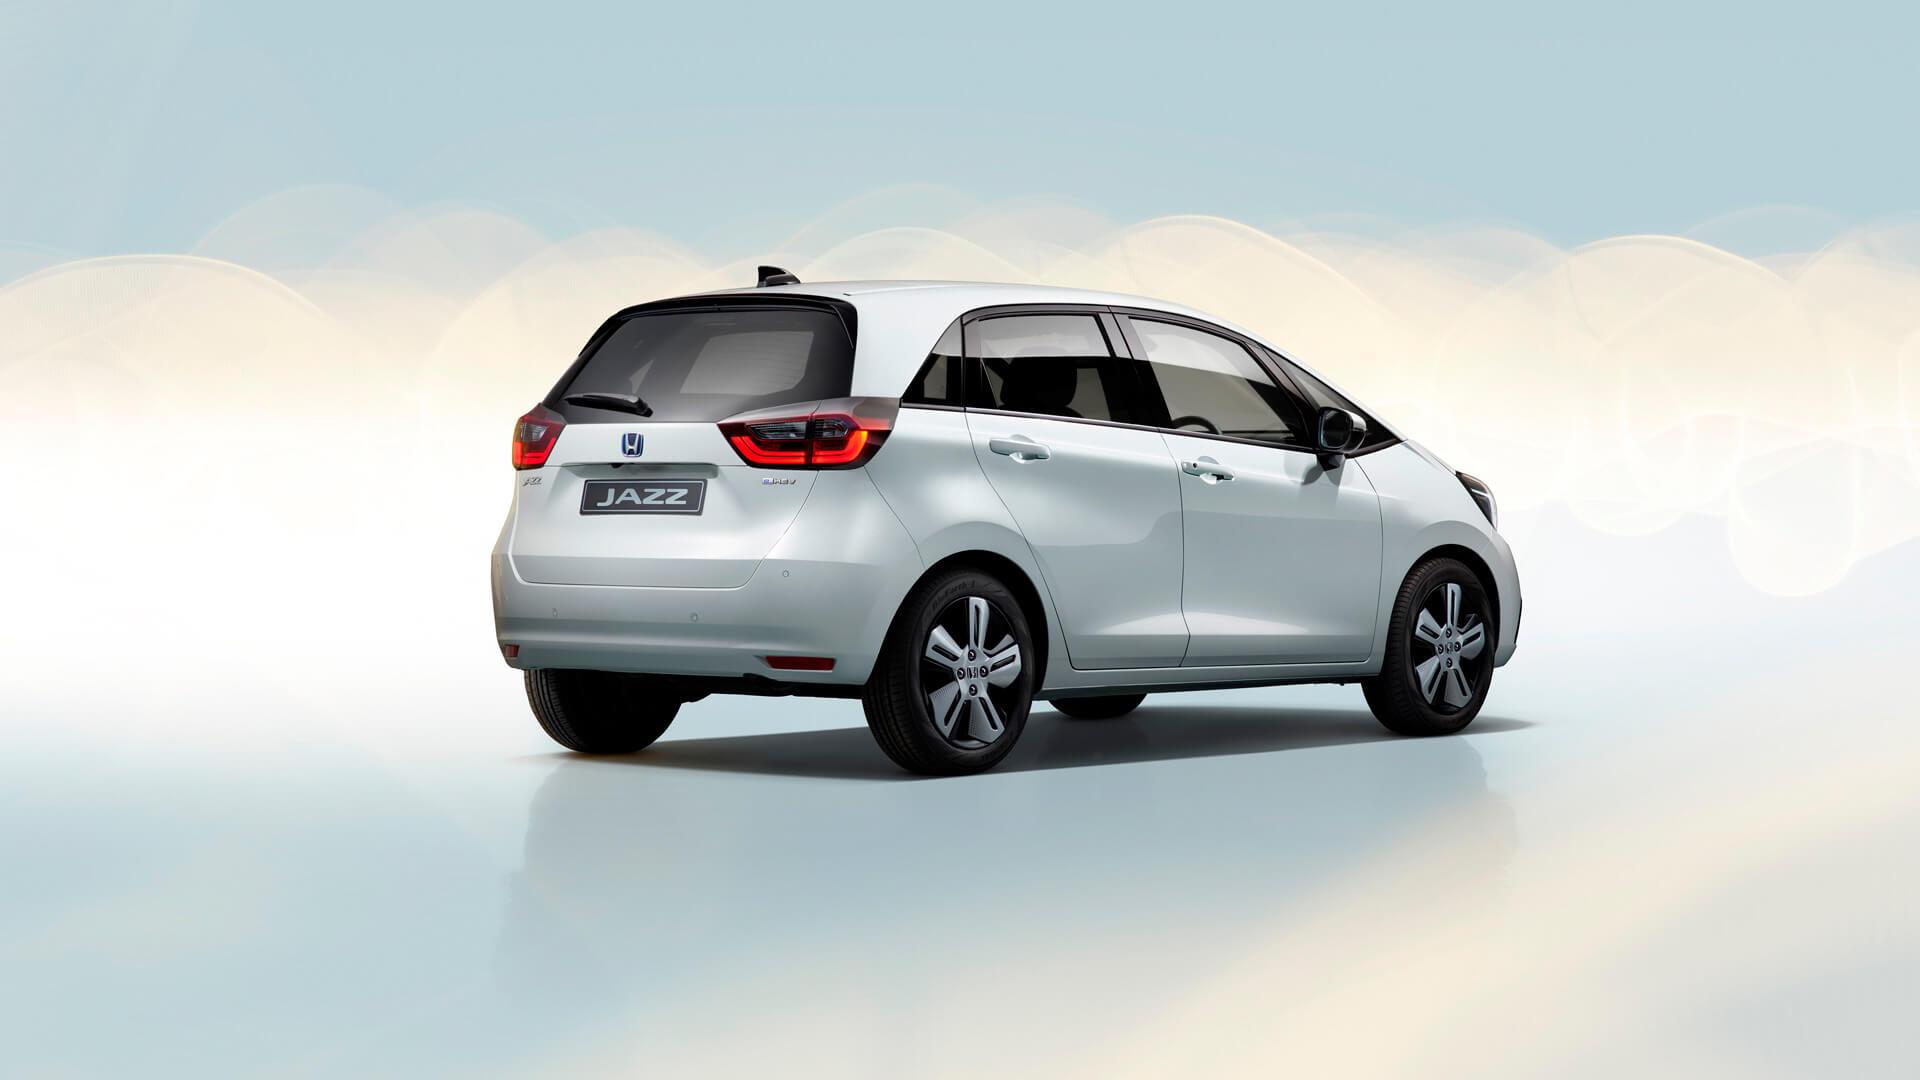 В Украине начались продажи 4 поколения Honda Jazz e:HEV